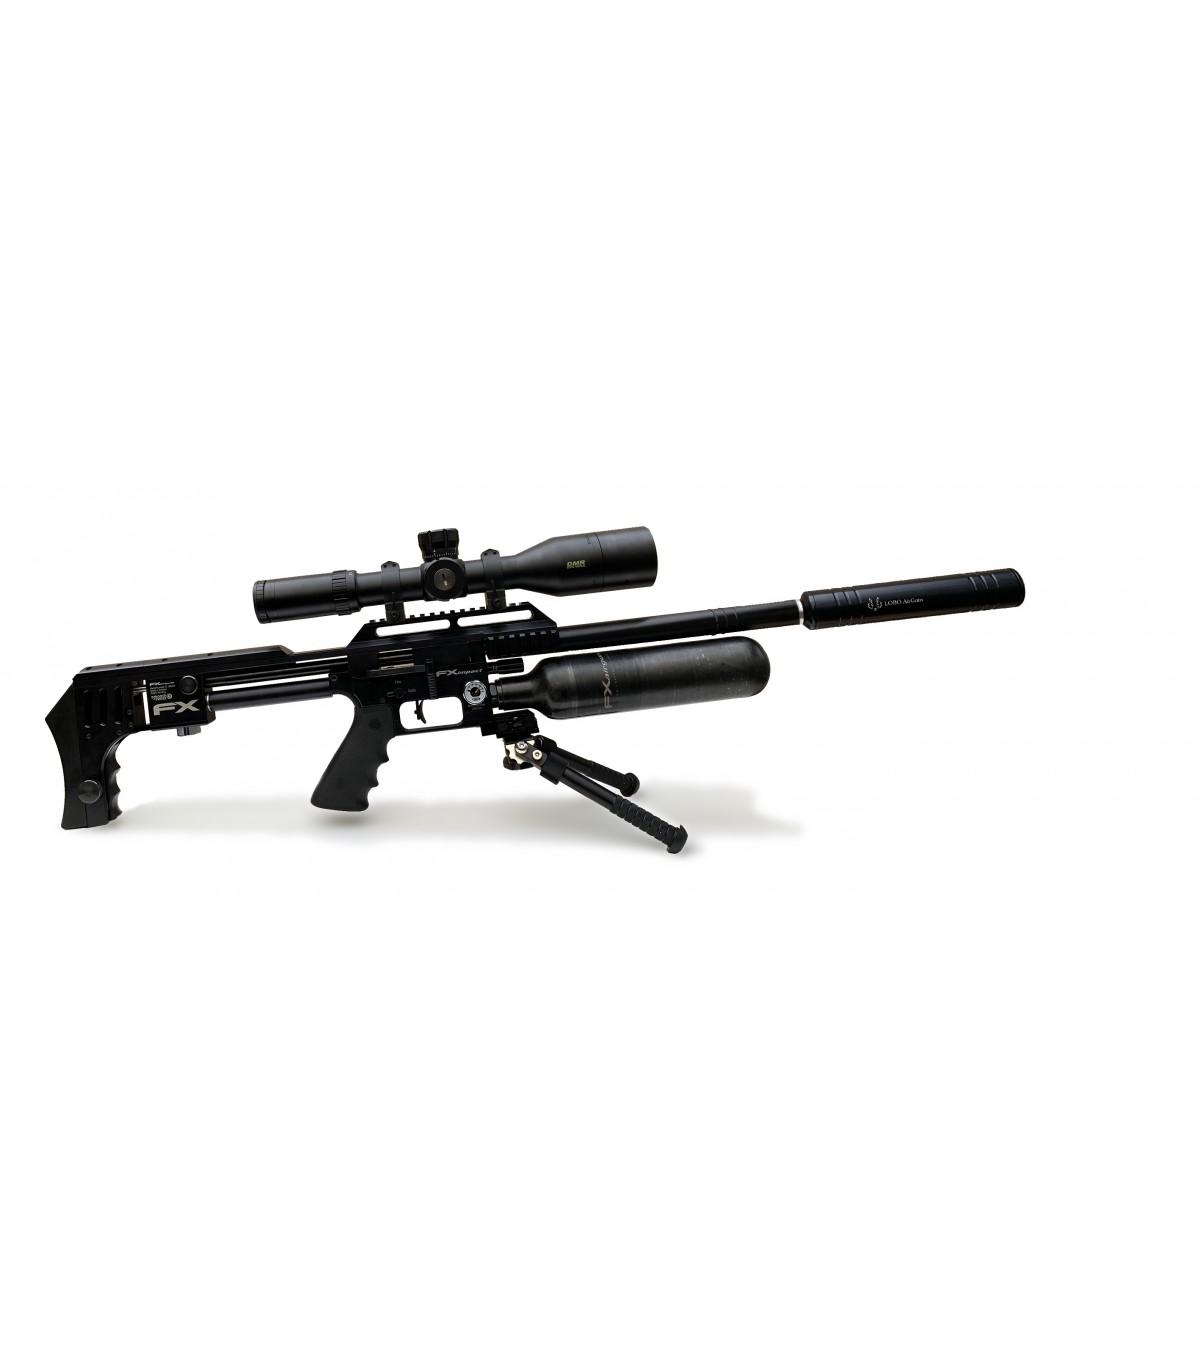 Air Rifle Big Bore Toro from LOBO AirGuns